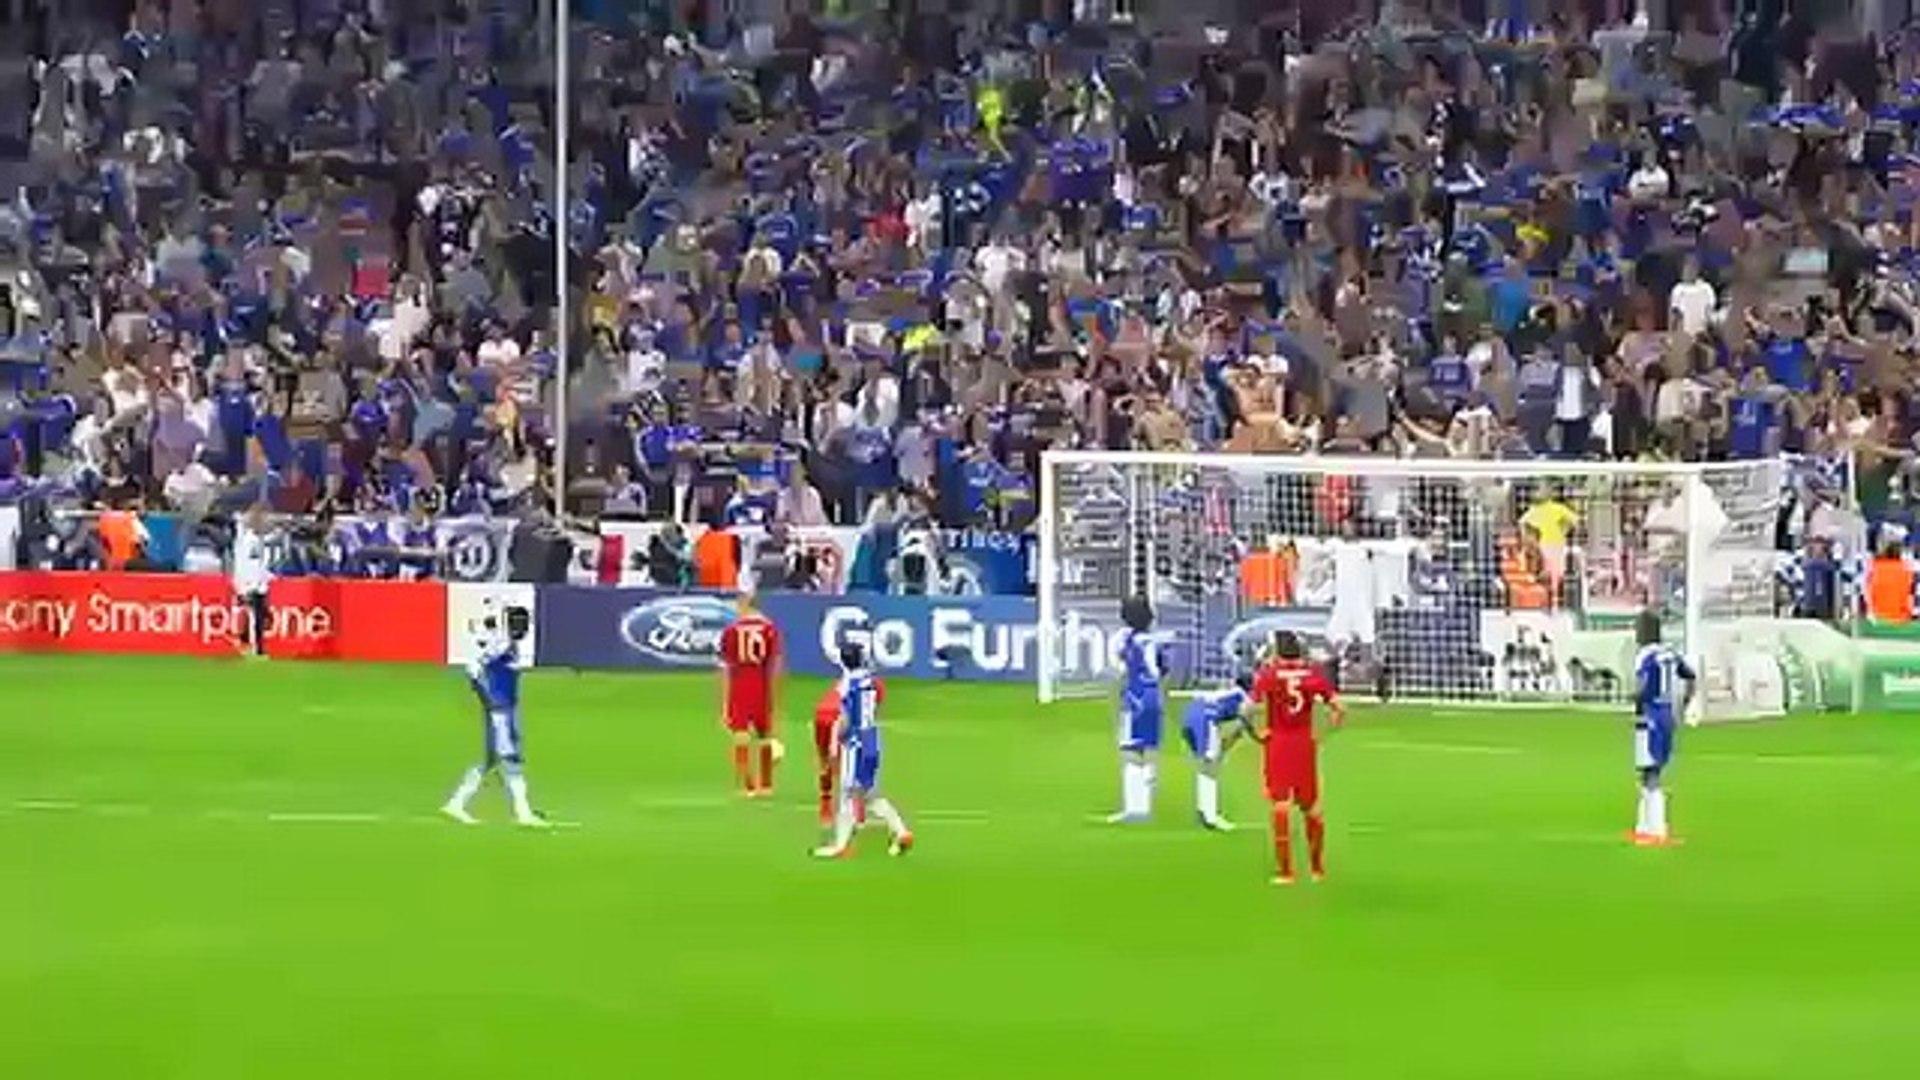 Cu da 11m qua hien cua Robben bi Petr Cech om gon